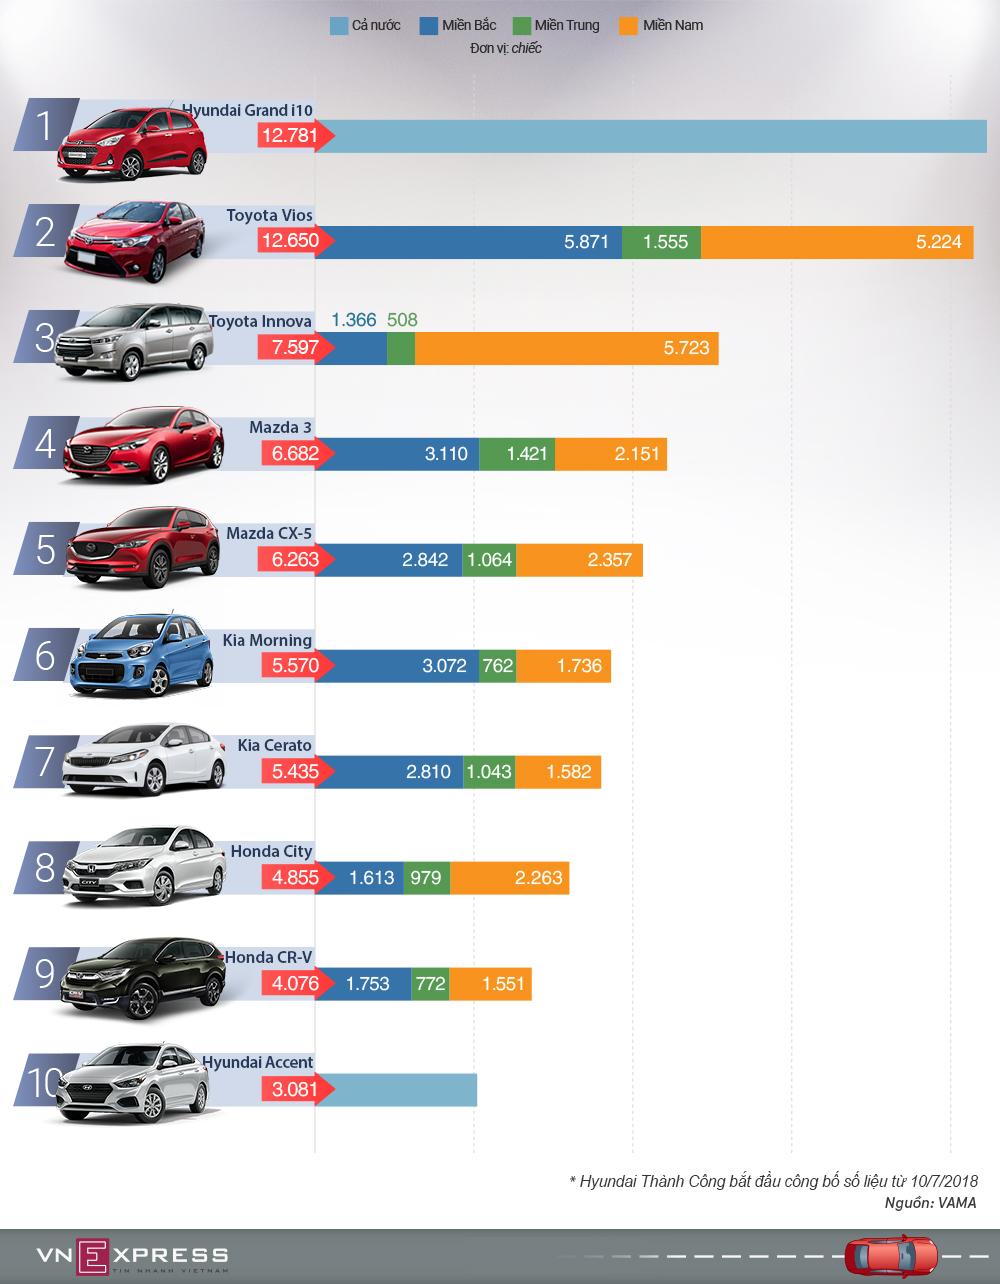 10 ôtô bán chạy nhất Việt Nam nửa đầu 2018 - i10 và Vios bá chủ